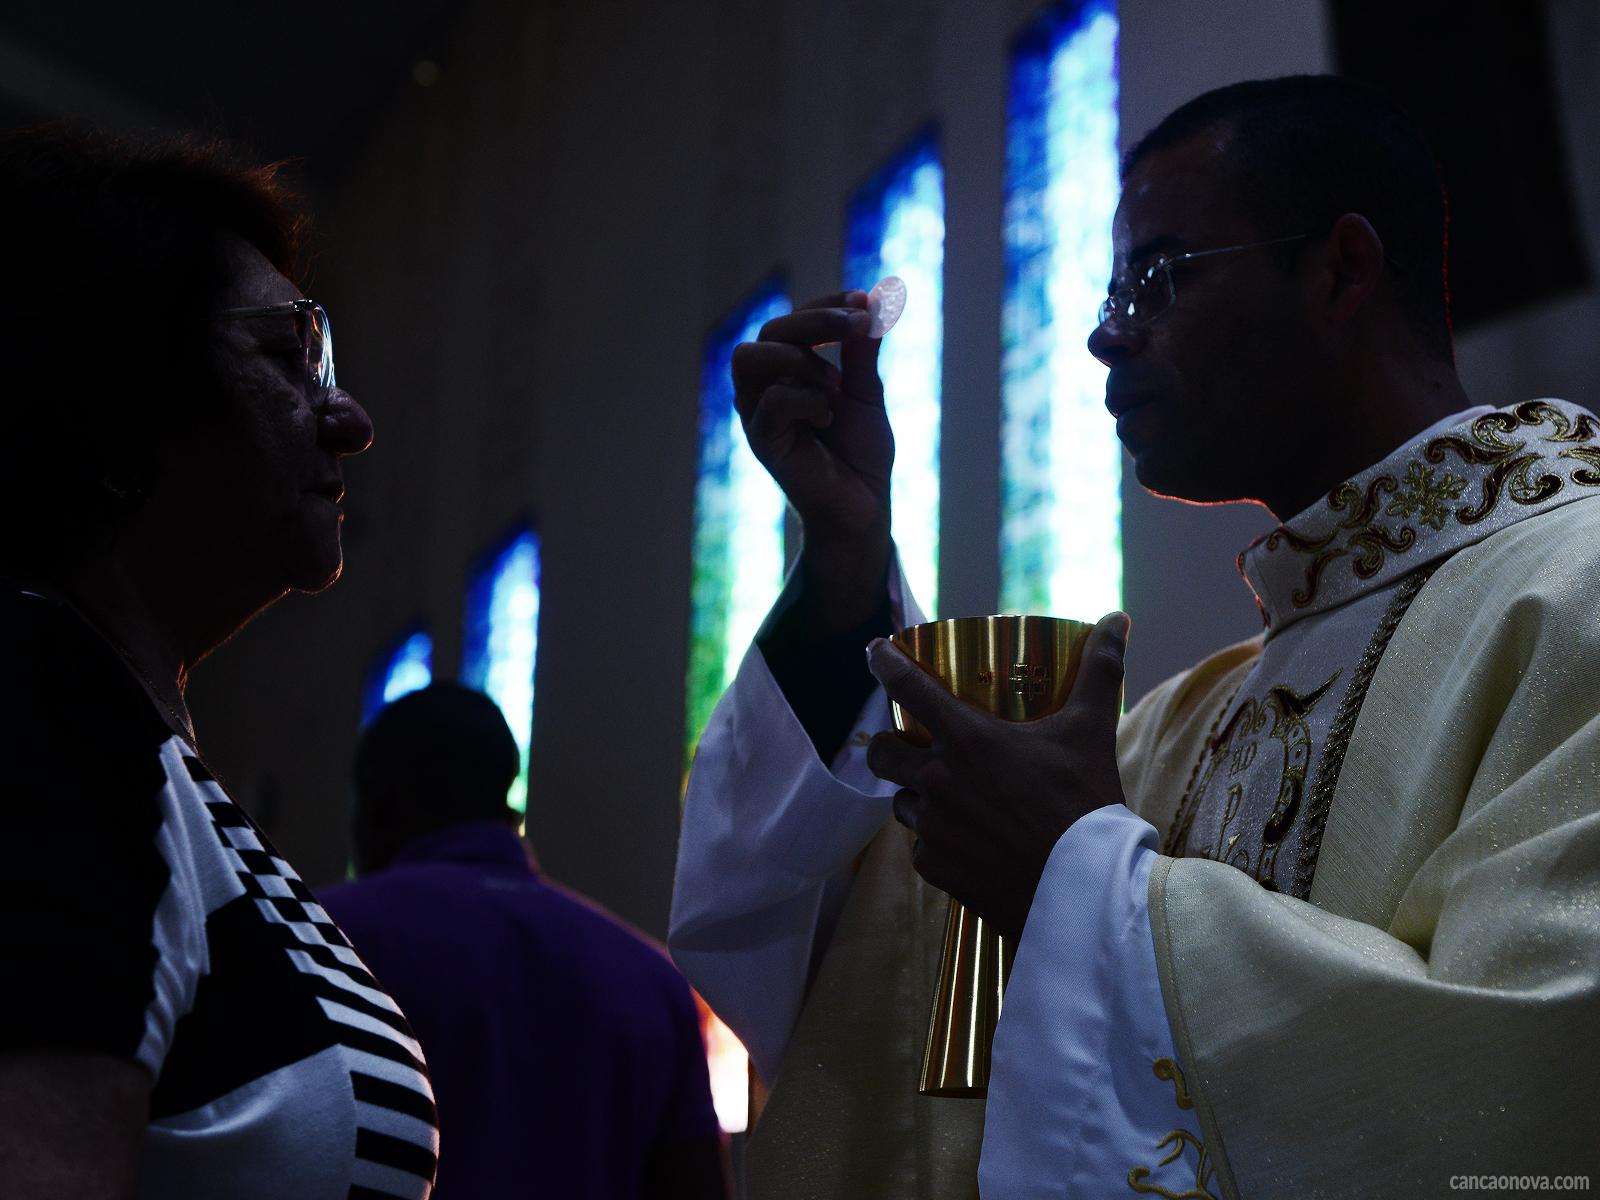 Saiba o que o Catecismo ensina sobre a Eucaristia